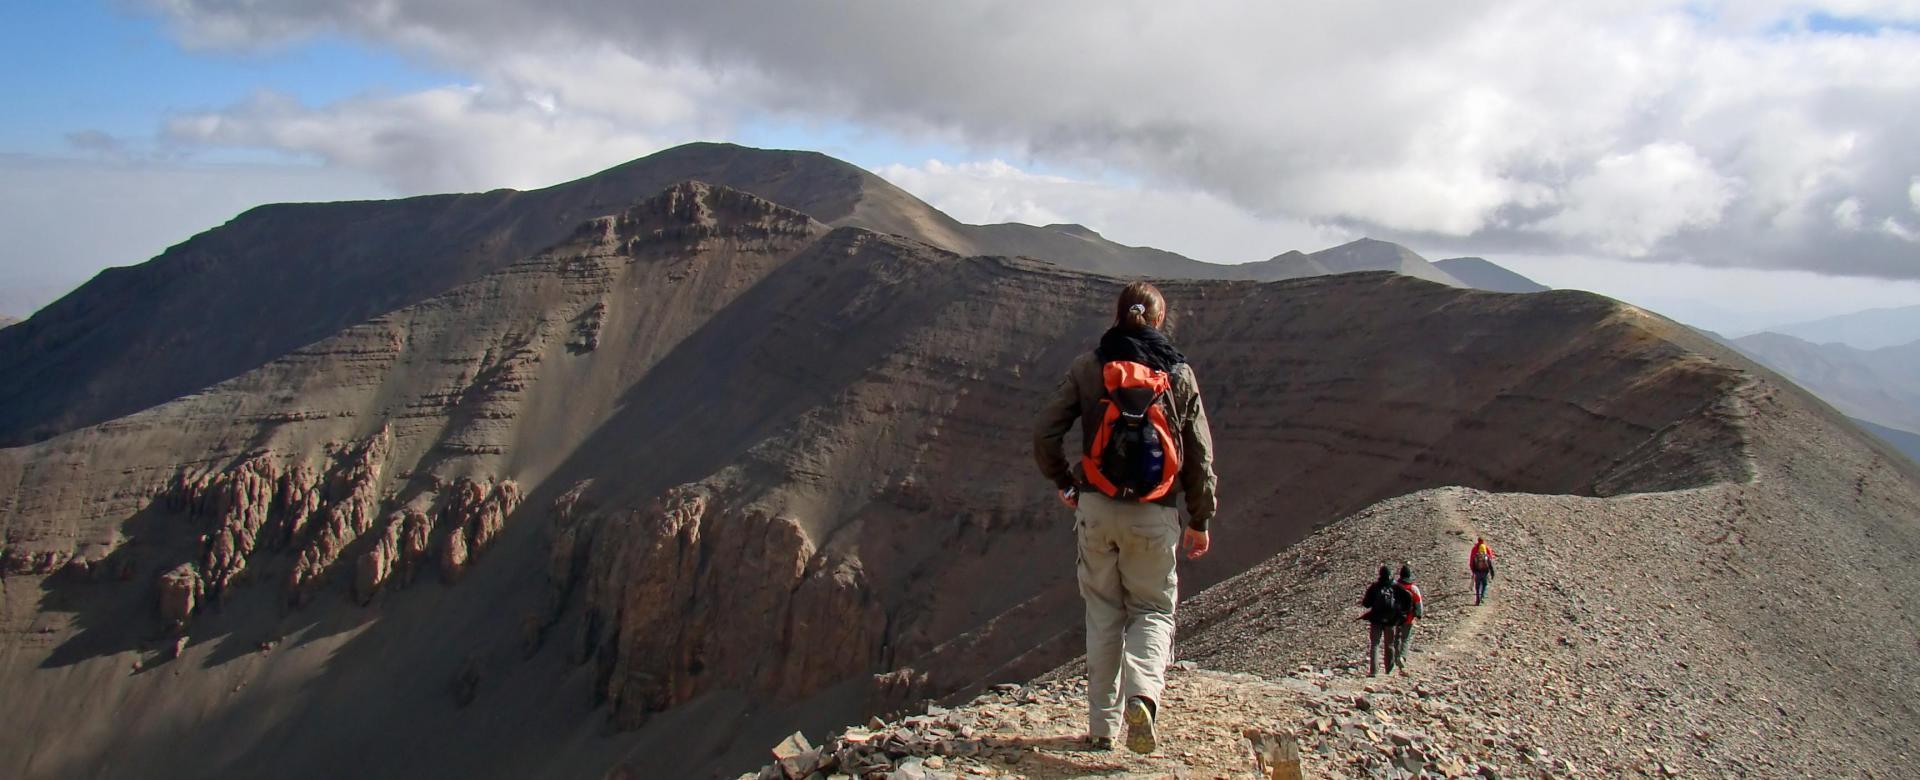 Voyage avec des animaux Maroc : Objectif m'goun